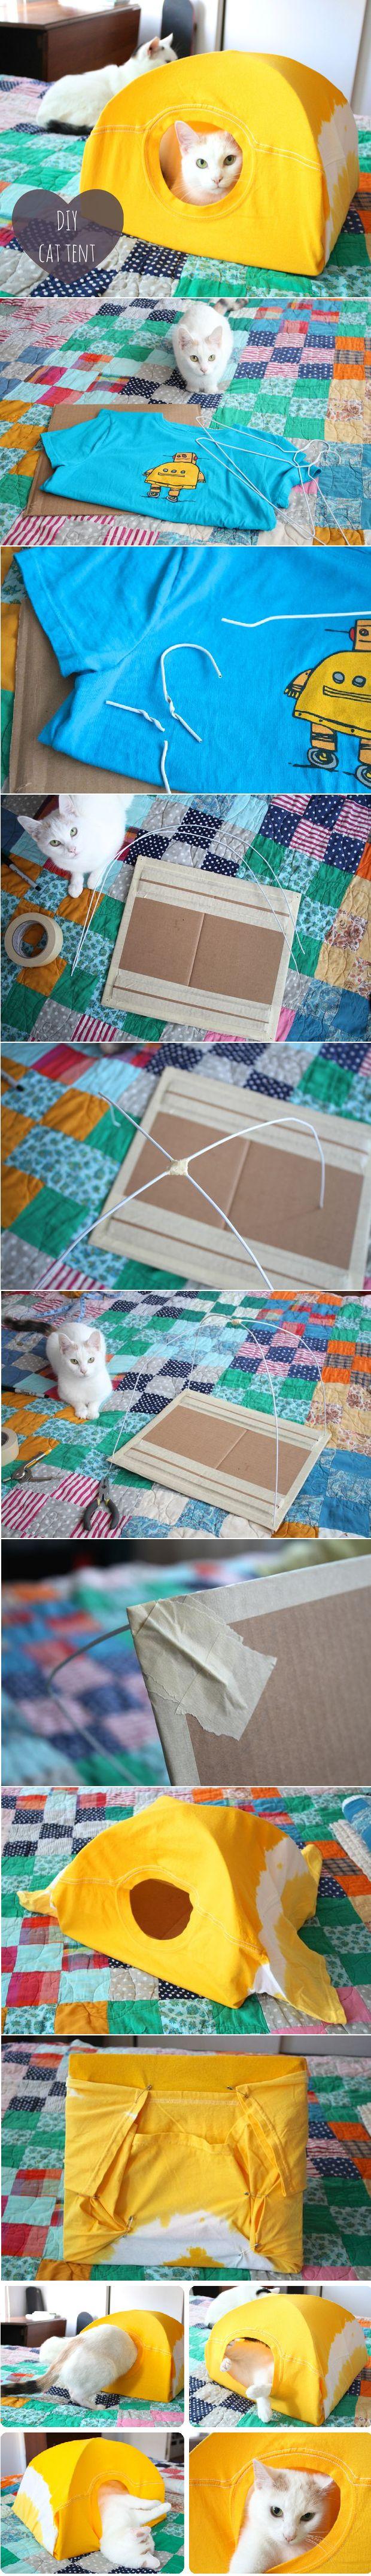 Construye una casa para tu gatico usando una vieja T-Shirt que no uses. #DIY #Hazlotumismo #mascotas